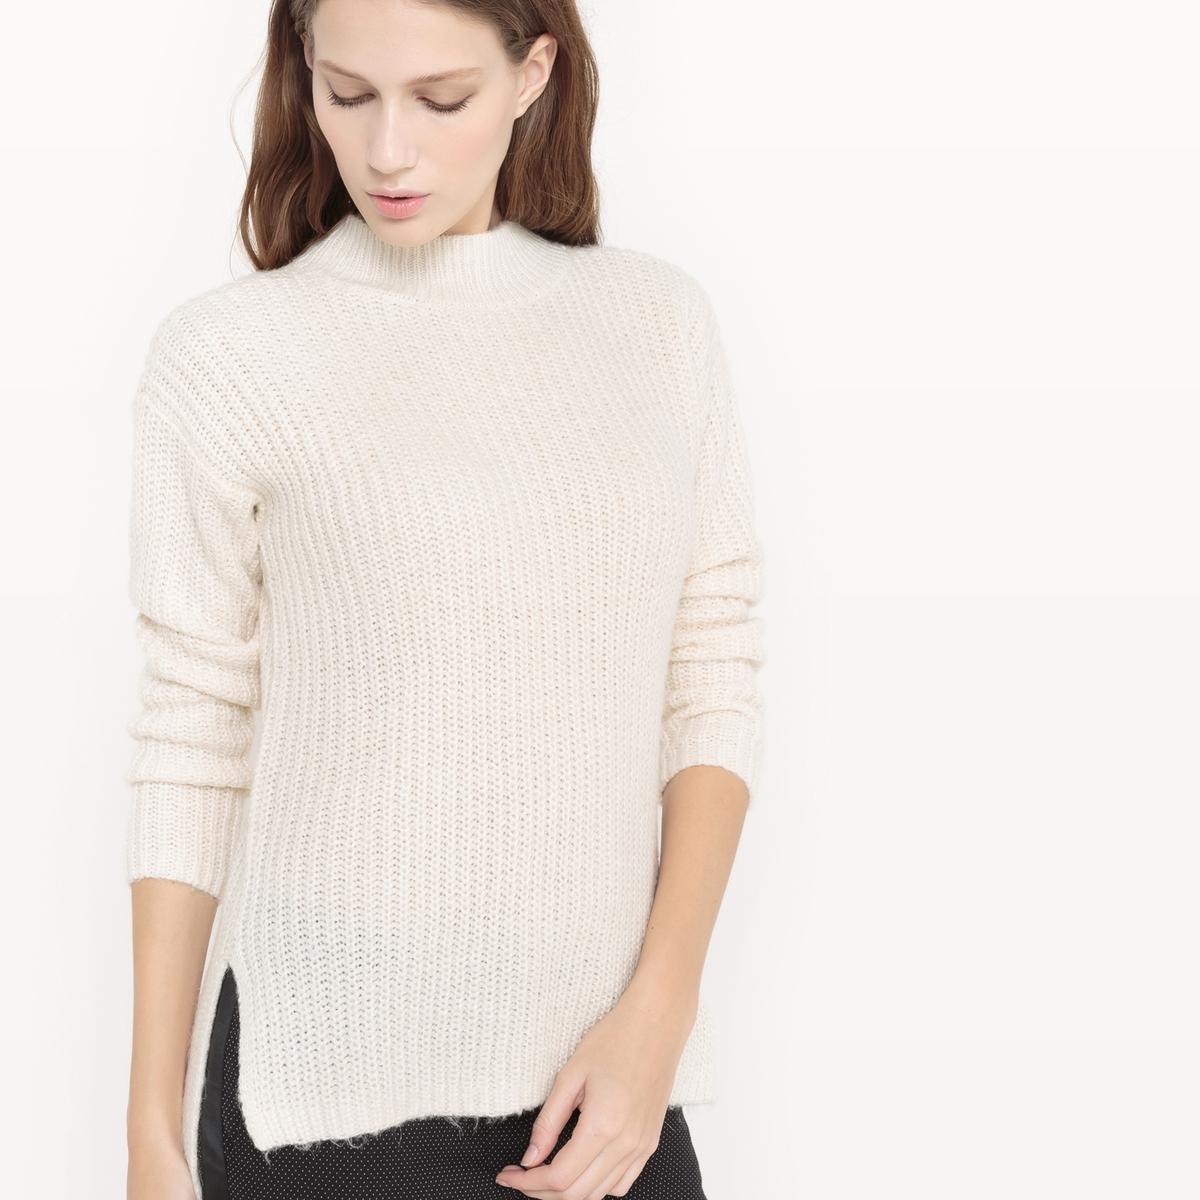 Пуловер со стоячим воротникомСостав и описание :Материал : 72% акрила, 20% полиэстера, 5% полиамида, 3% шерсти Марка : TOM TAILOR.<br><br>Цвет: слоновая кость